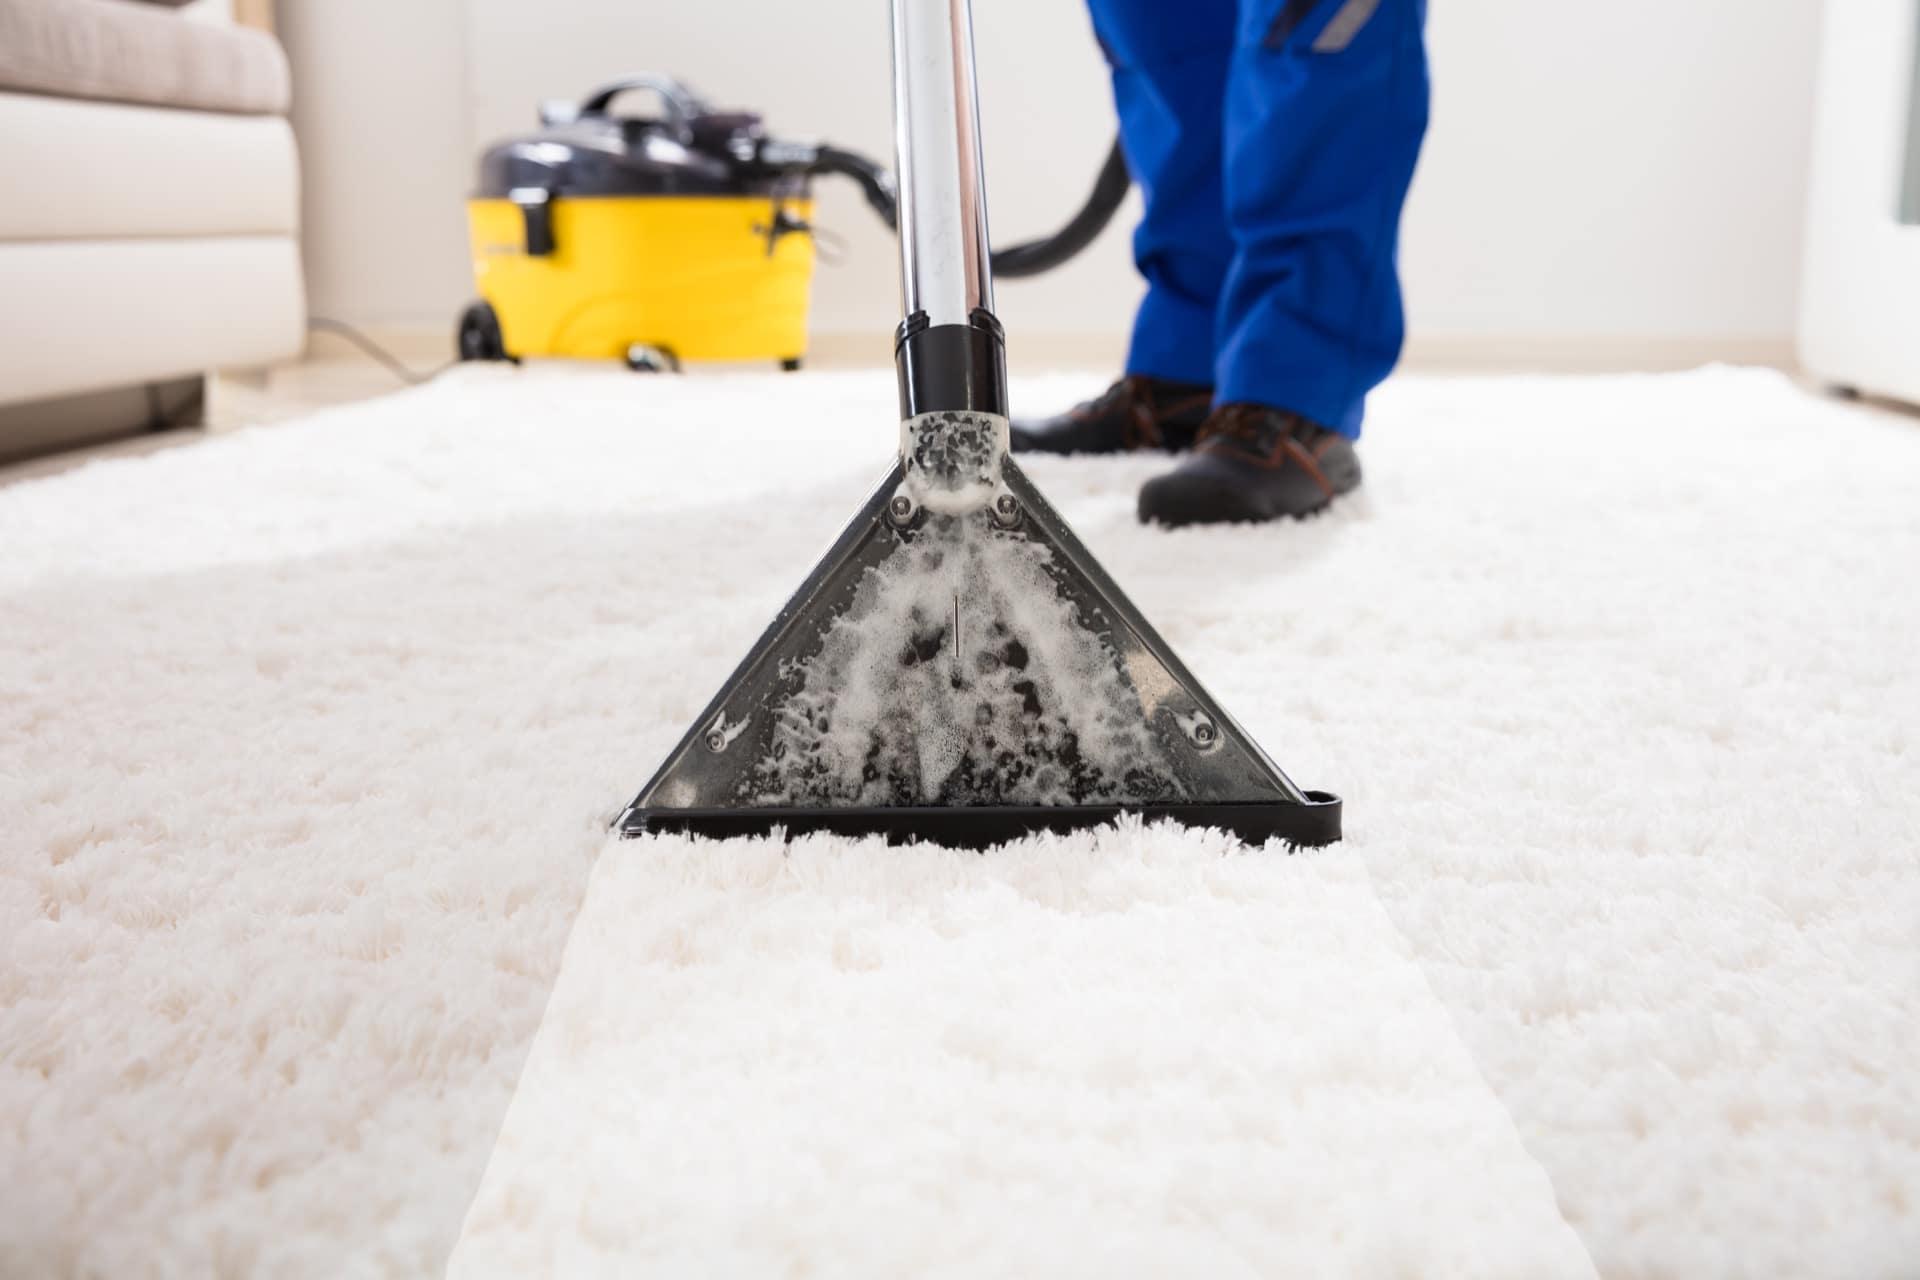 Teppichreinigung, Teppichbodenreinigung - Reinheit in jeder Faser, dieses Ergebnis erhalten Sie durch unsere professionelle Teppichreinigung. - Teppichreinigung - Angebot anfragen!